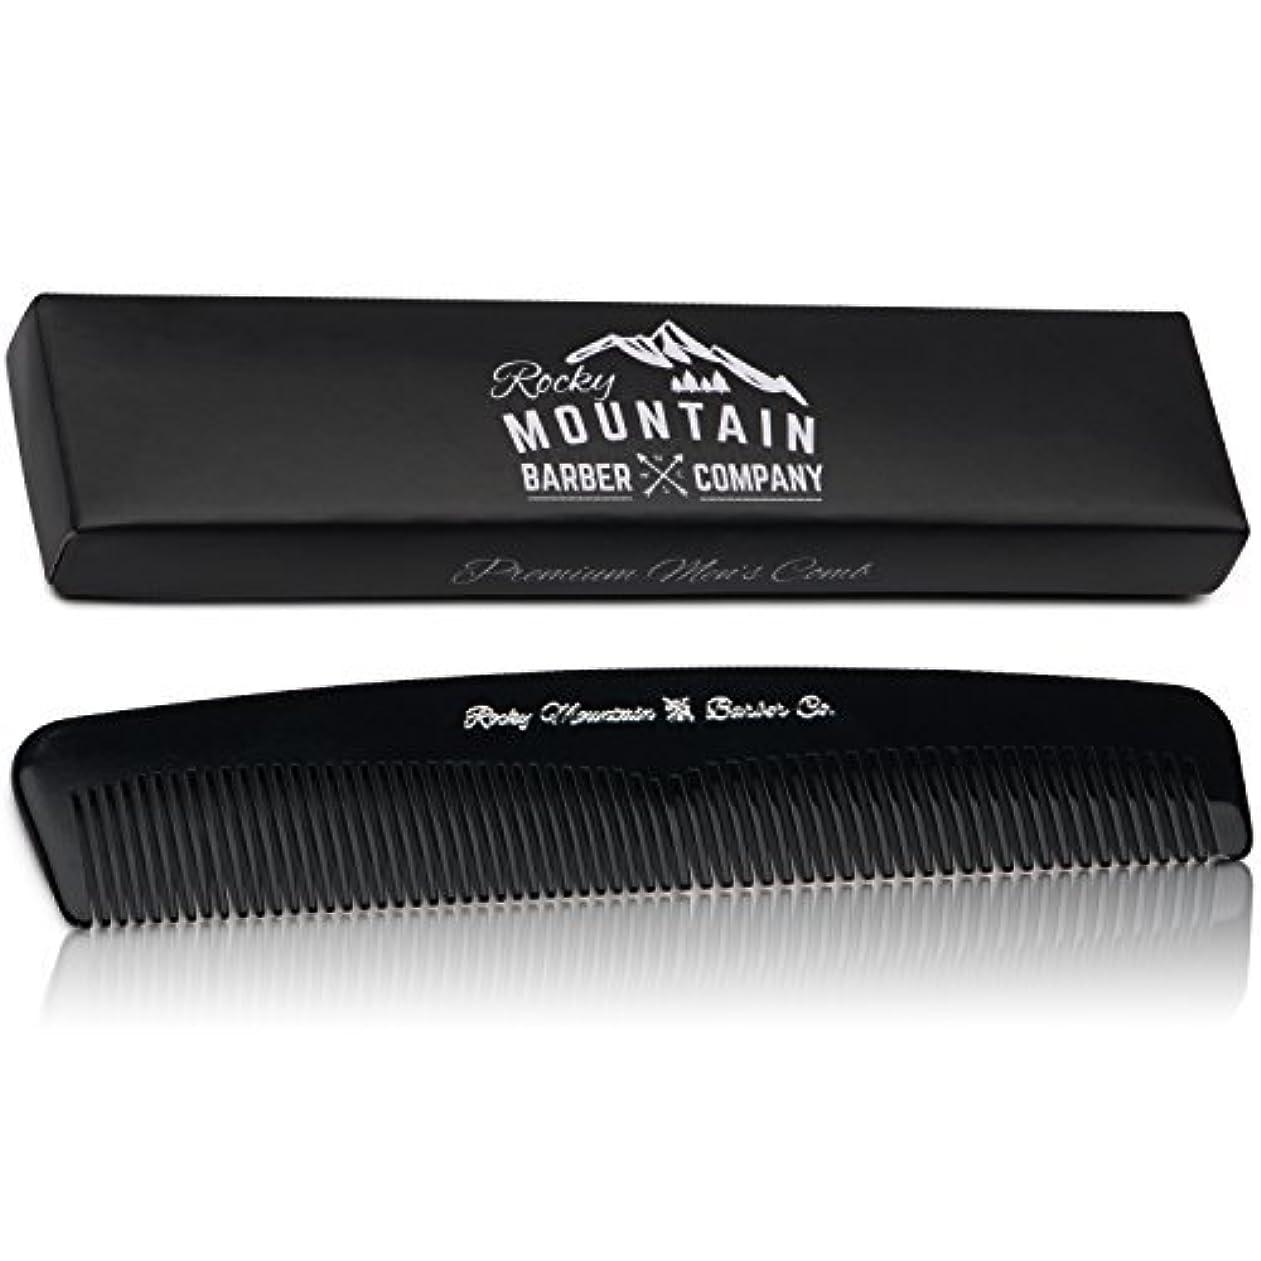 ビジュアル型やけどMen's Hair Comb ? Plastic Modern Fine and Medium Tooth Comb Handmade for Head Hair, Beard,  Mustache - No Snag...